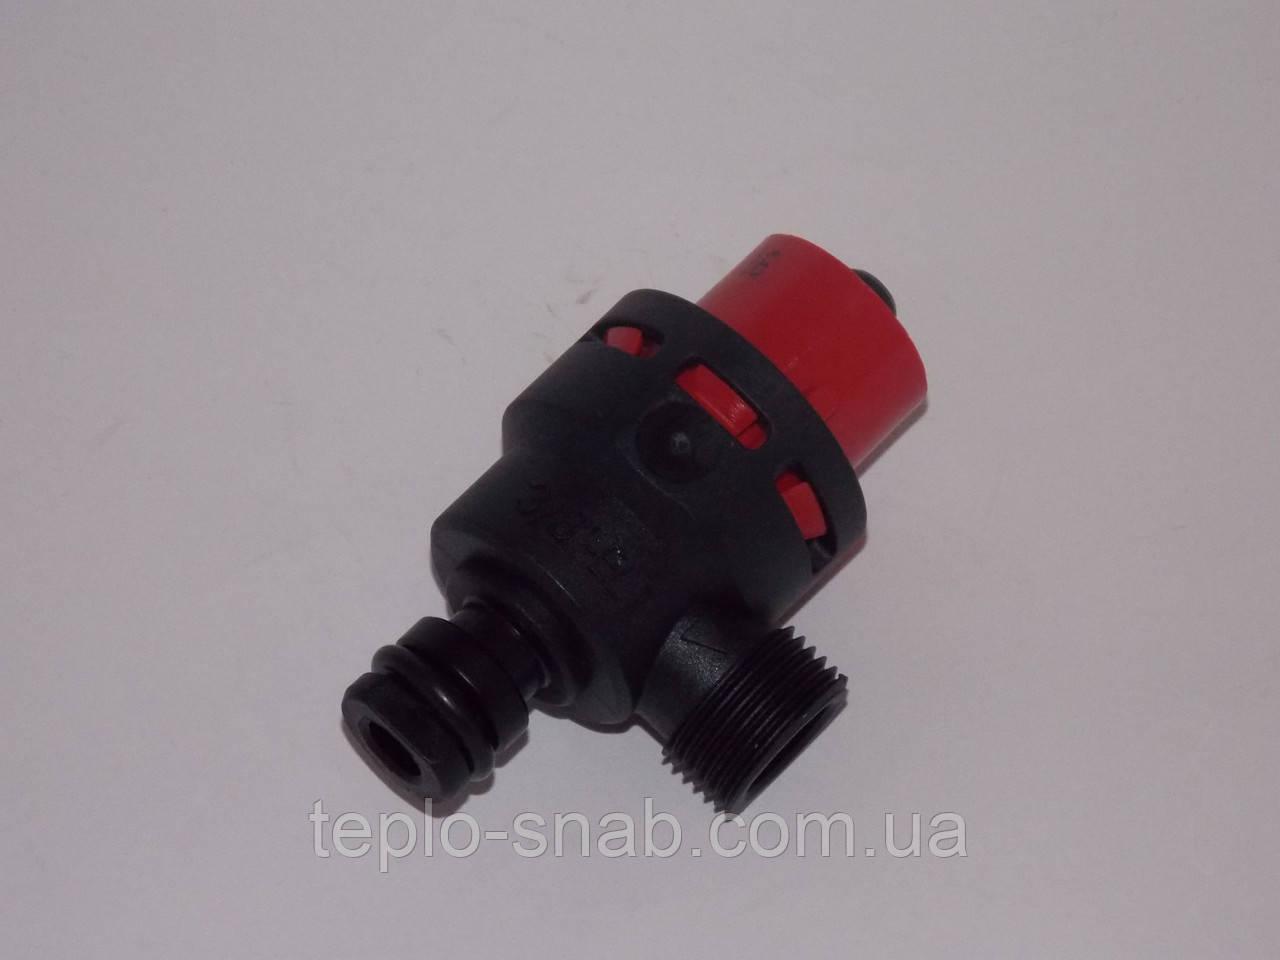 Предохранительный клапан Ariston Class, GENUS, Egis. 61312668